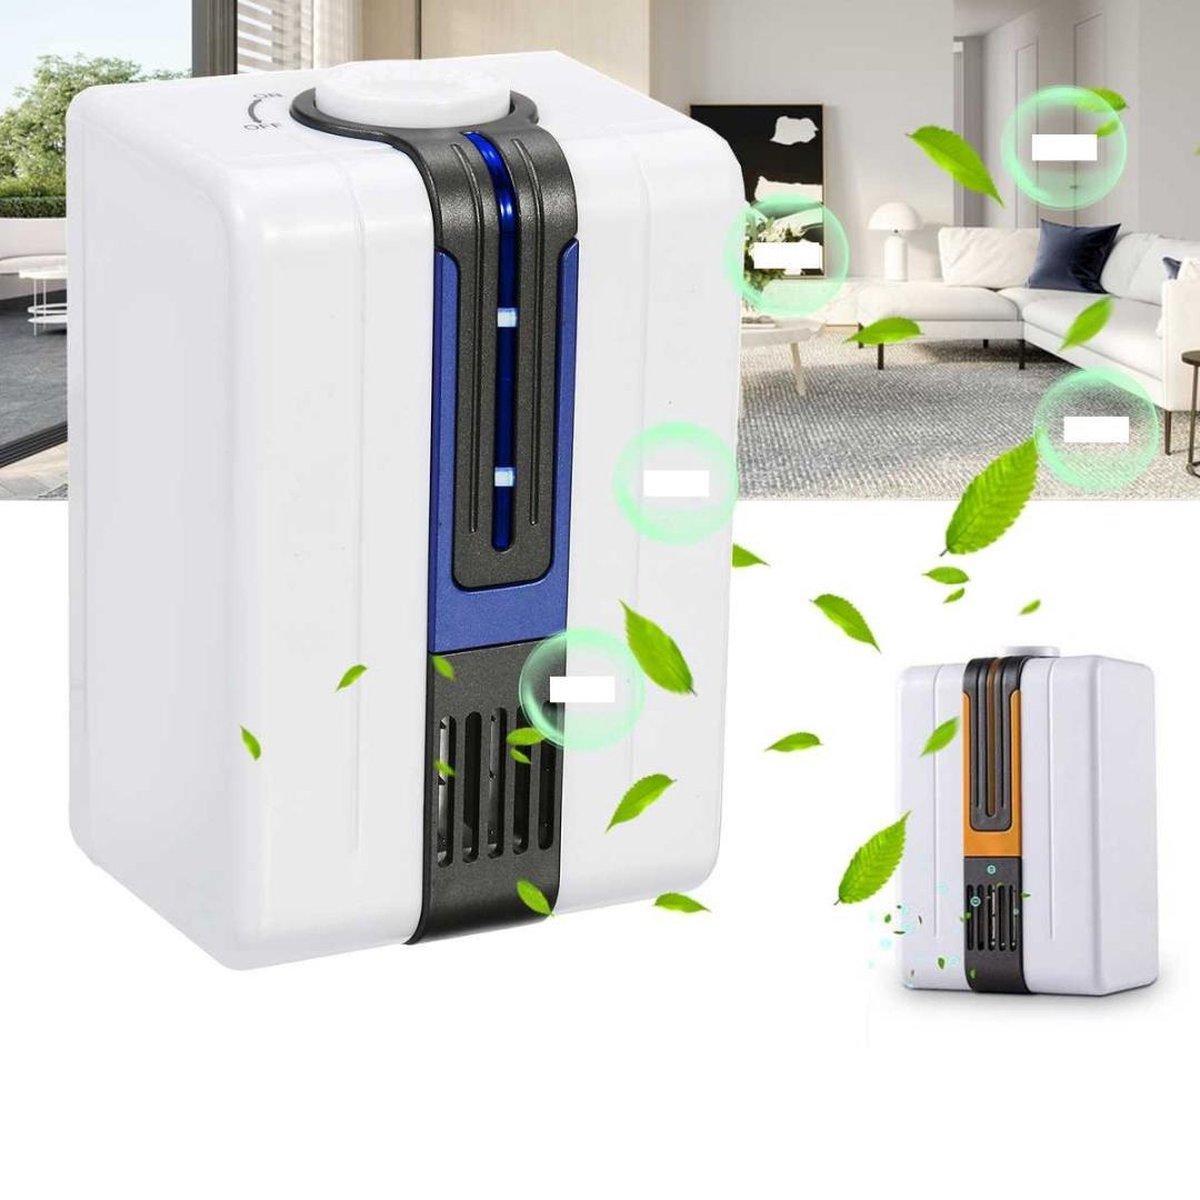 Thuys Luchtreiniger - Luchtverfrisser - Luchtververser - Luchtfilter - Nachtlamp - Luchtverfrisser woonkamer - Luchtverfrisser automatisch